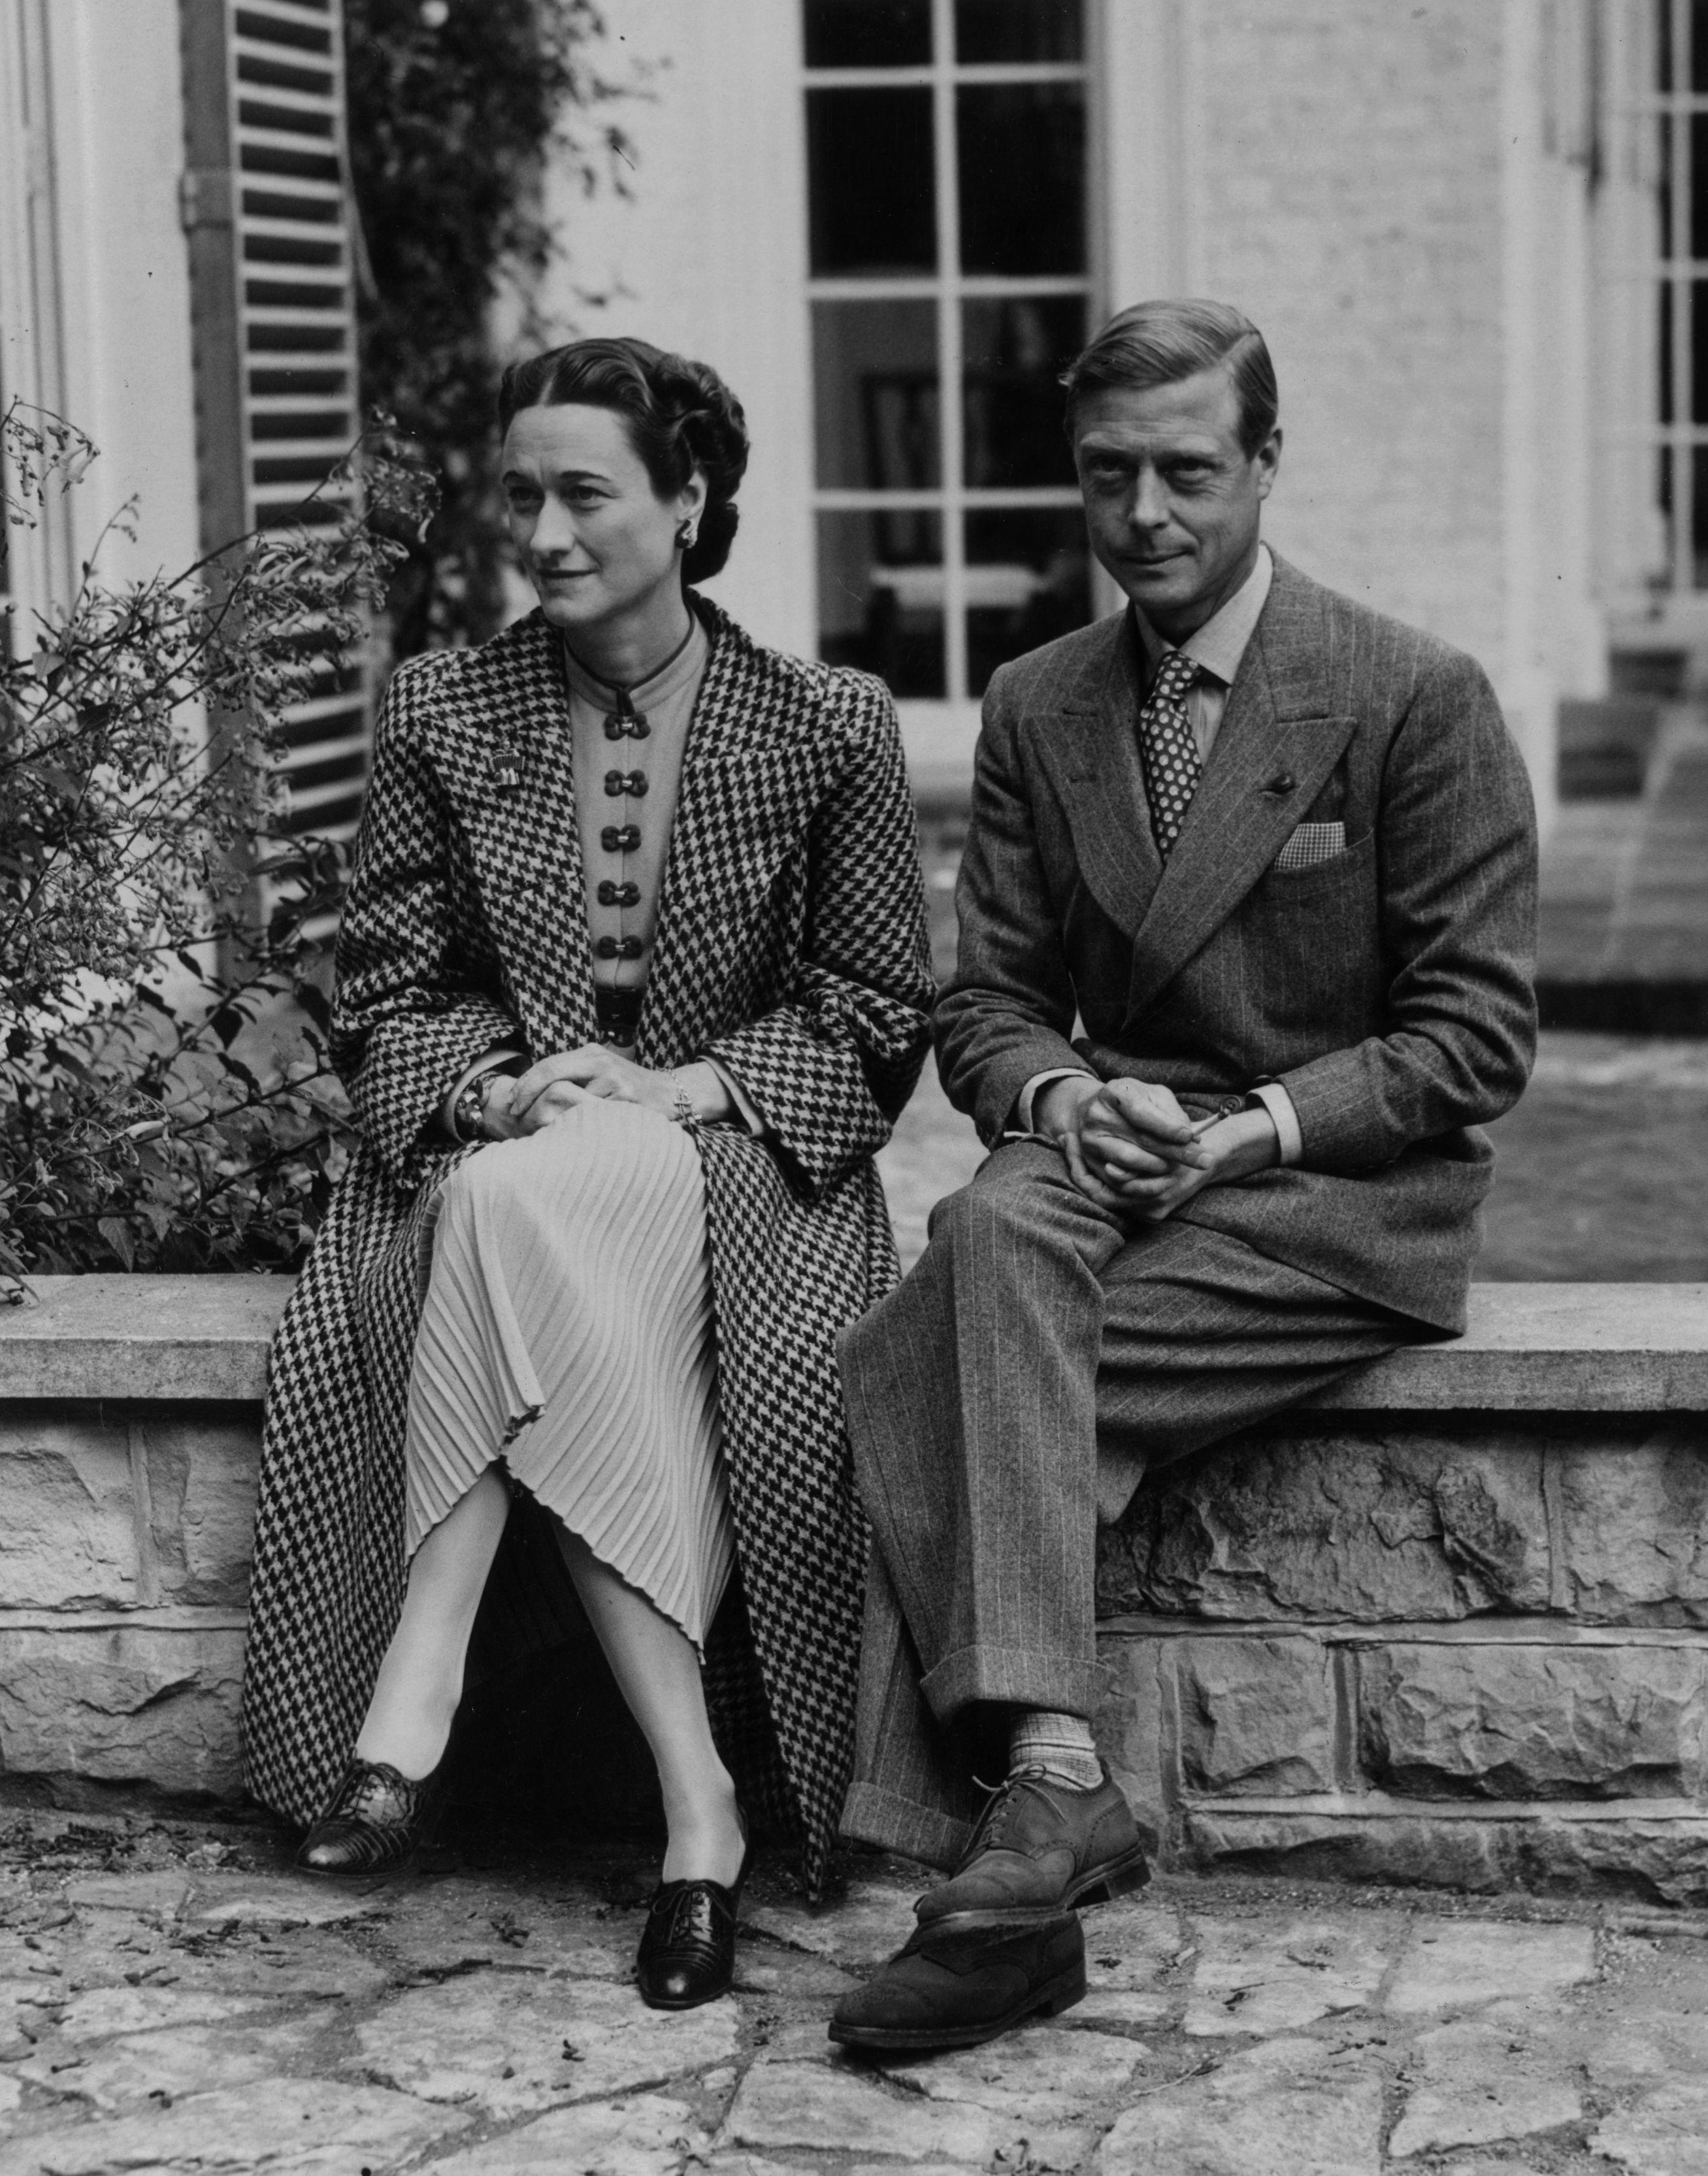 През 1936 г. крал Джордж V умира.<br /> На трона се възкачва крал Едуард VIII. В началото двойката не демонстрира отношенията си, но в края на годината те стават по-публични, което предизвиква скандал във Великобритания. Кралят има връзка с два пъти развежданажена. Правителството разбира, че намеренията на Едуард са сериозни.